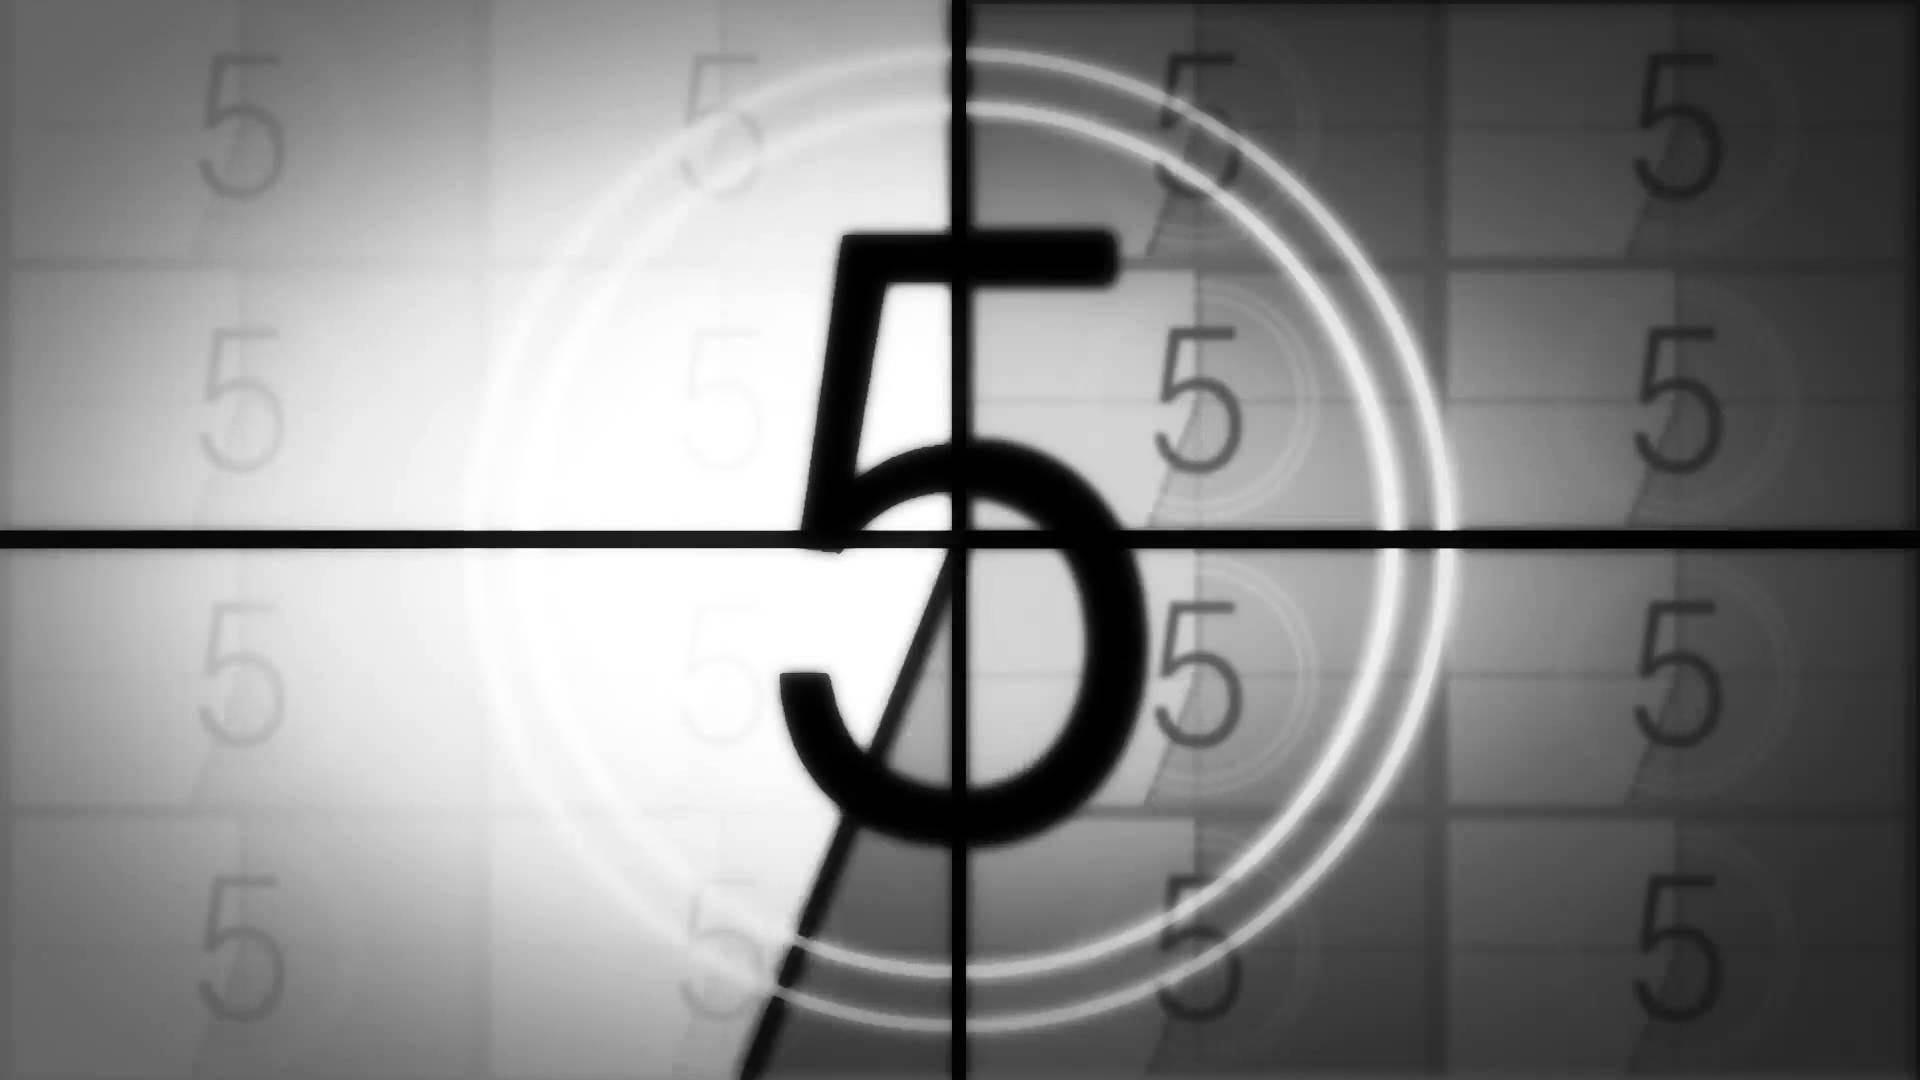 Cinque countdown